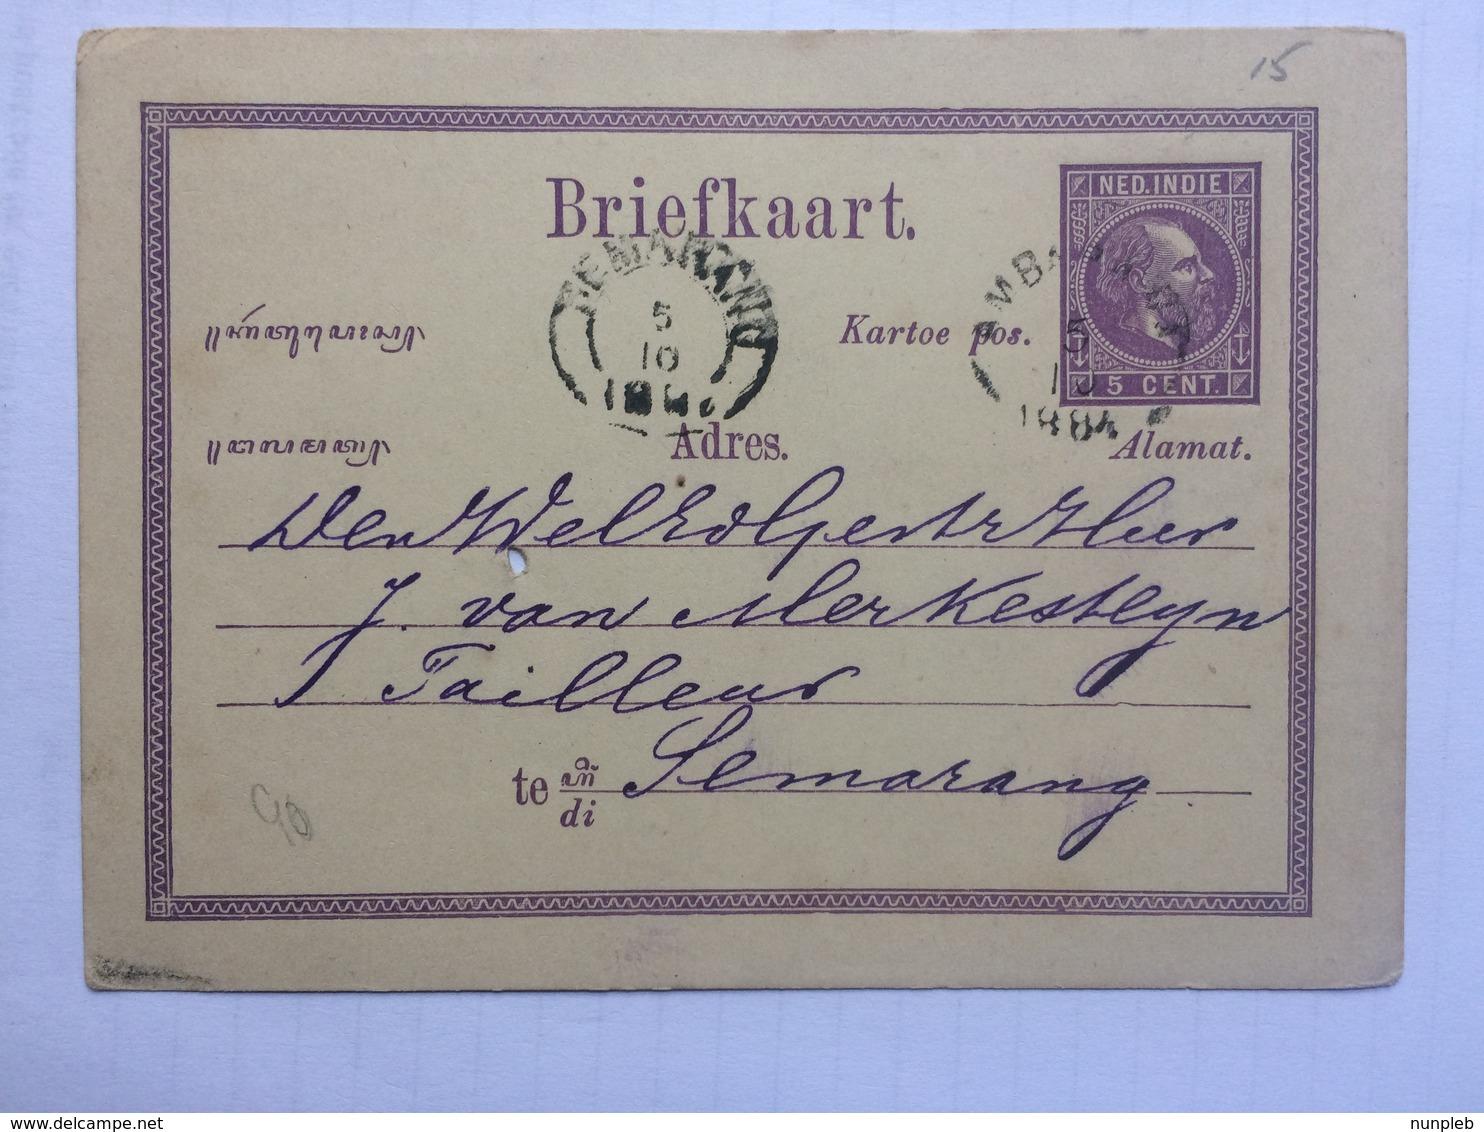 NETHERLANDS INDIES 1884 Stationary Card - Ambarawa To Samarang - Niederländisch-Indien